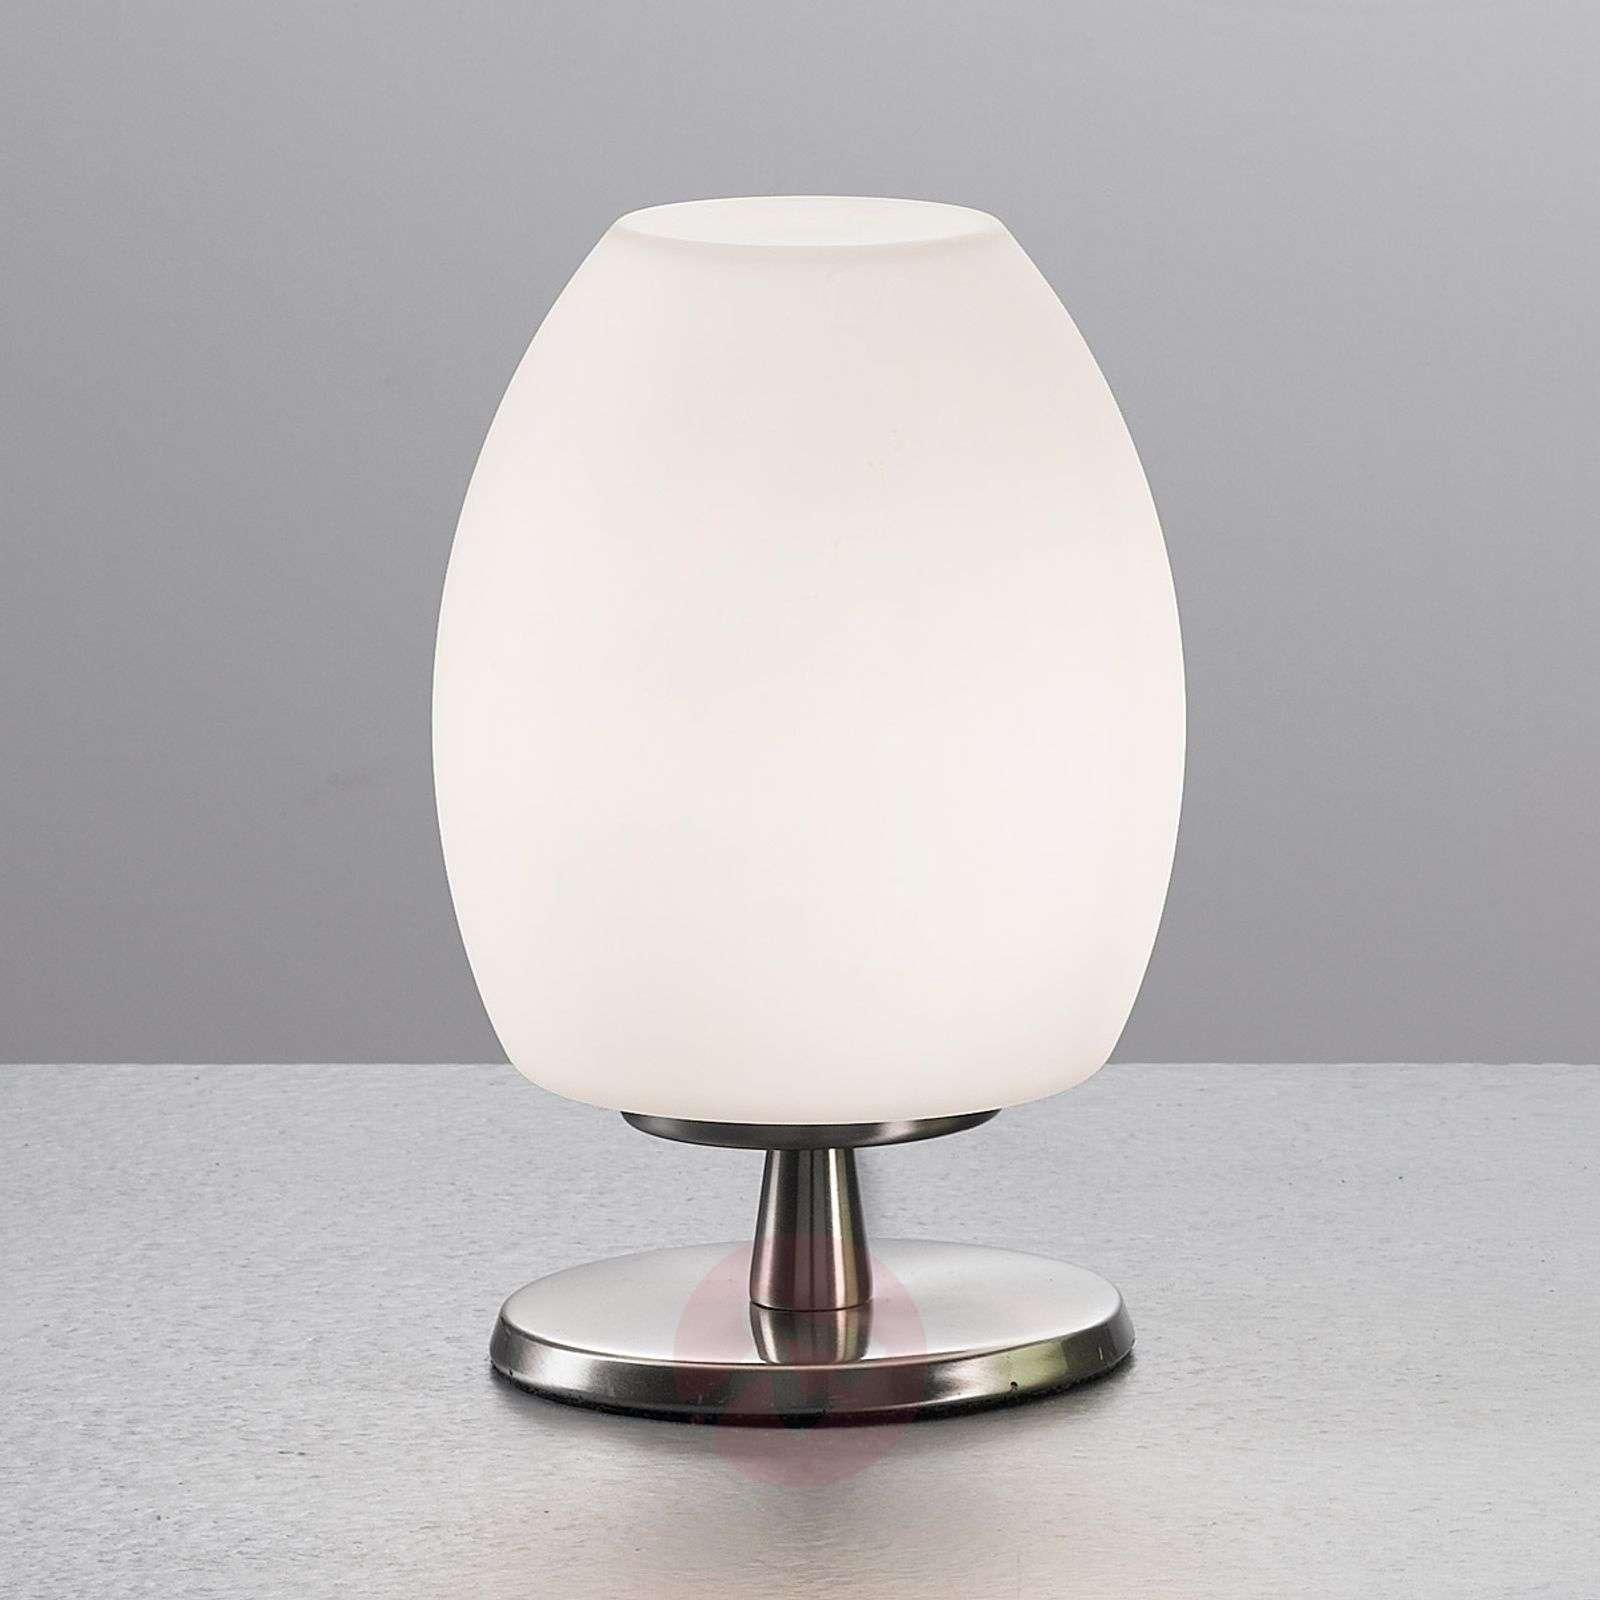 Valkoinen ROCKFORD-pöytävalaisin, 18 cm korkea-3502179-01